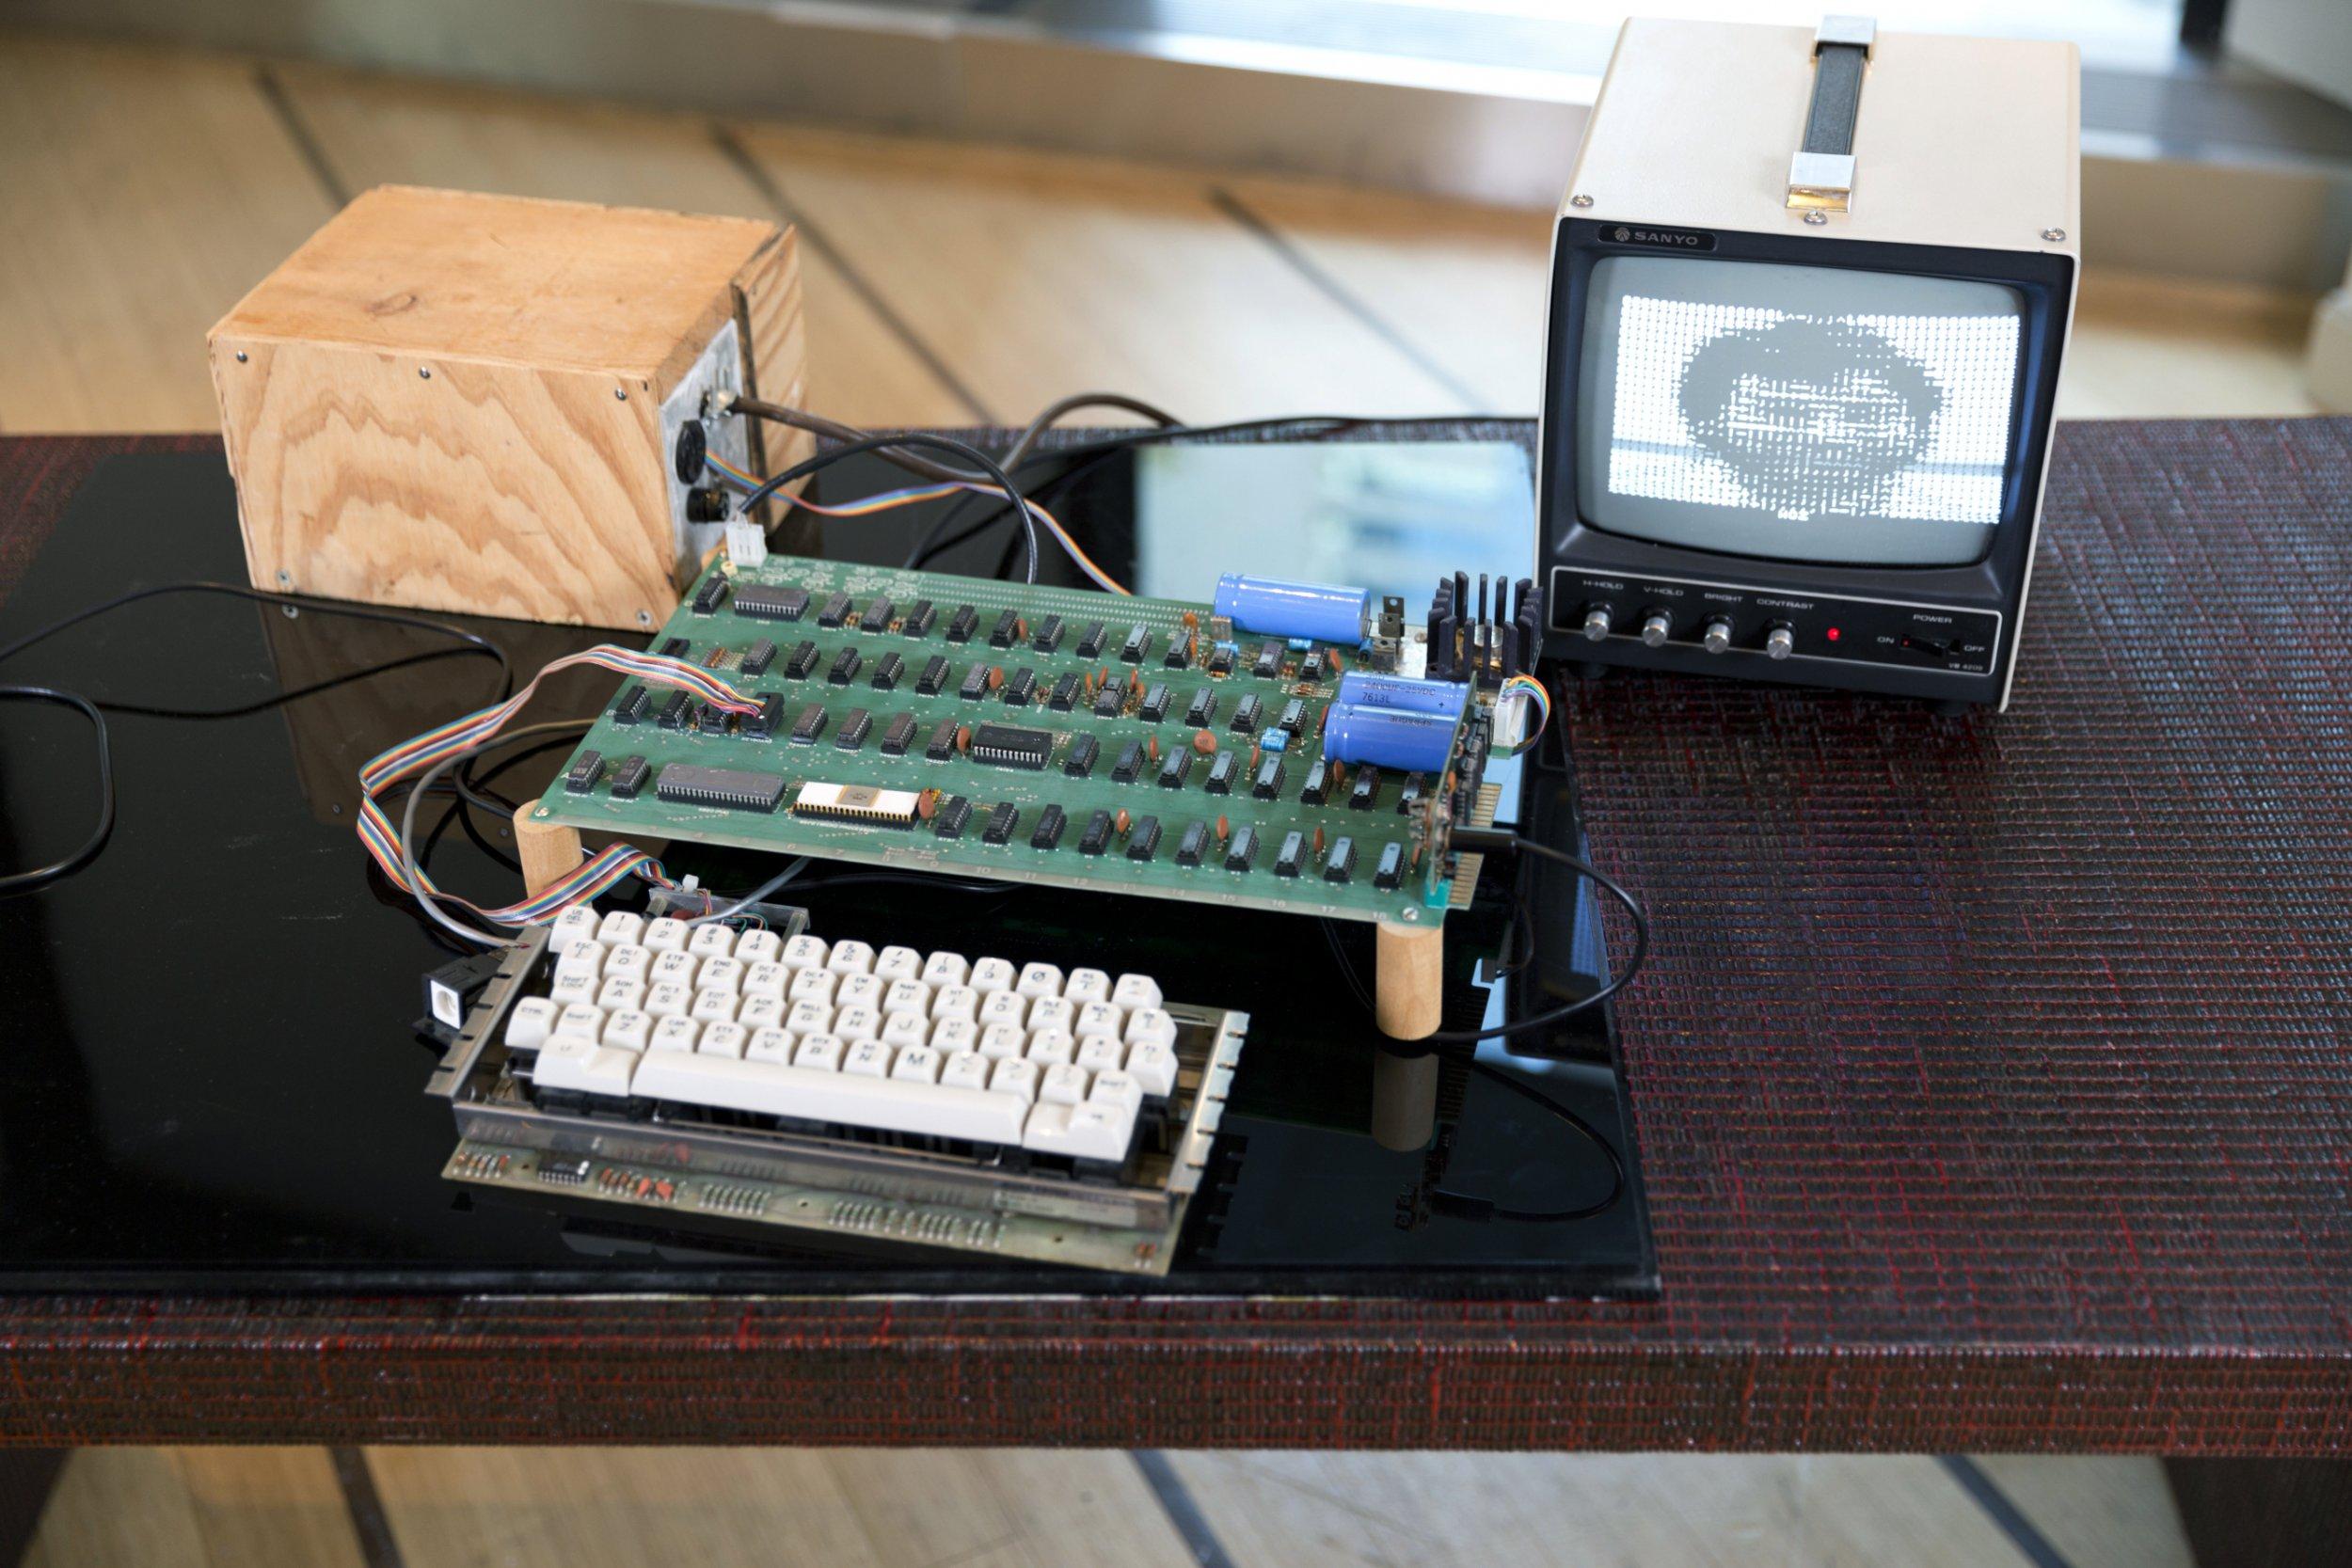 10-22-14 Apple-1 setup